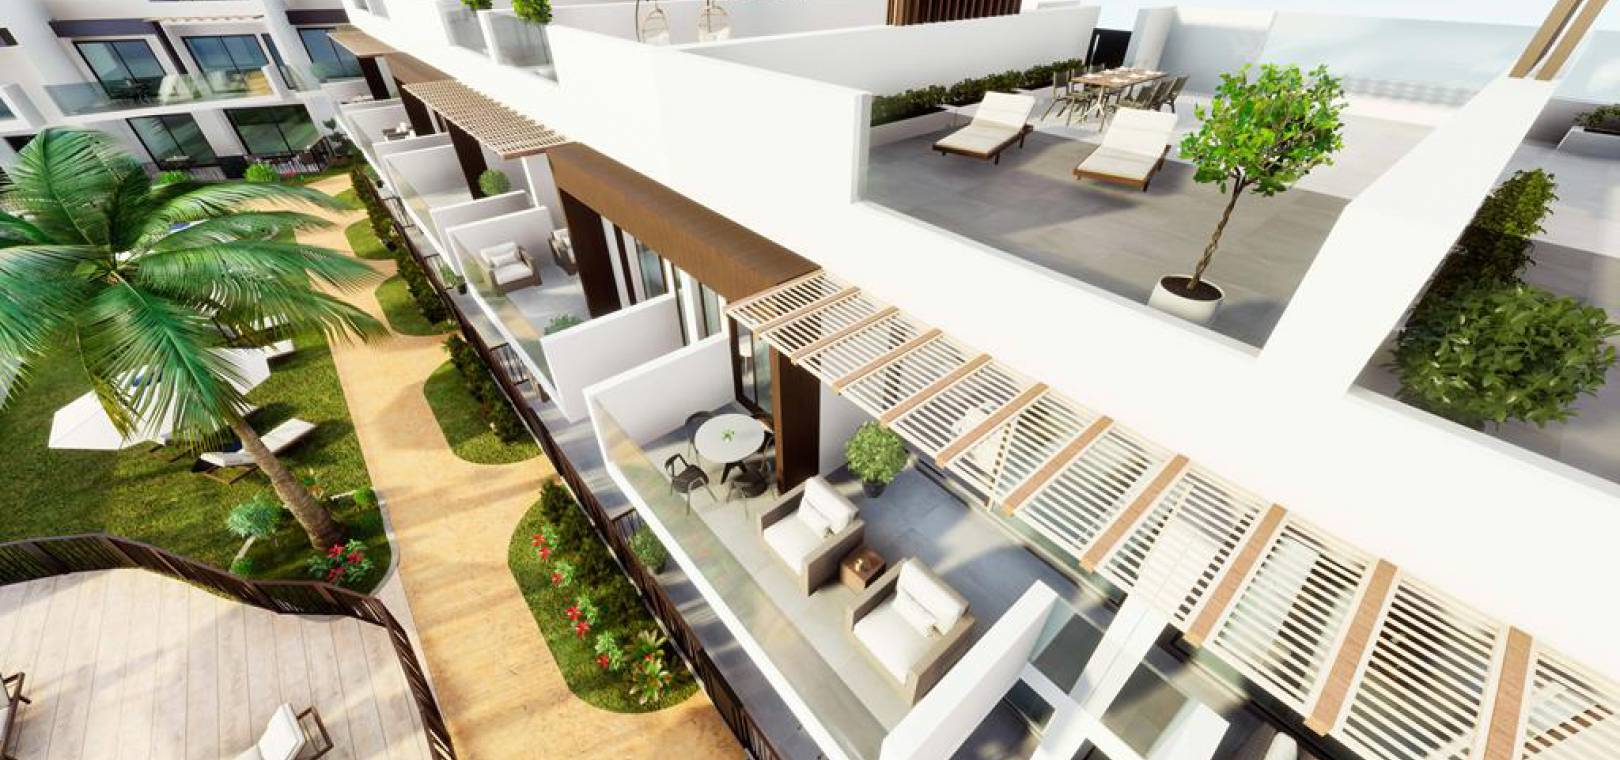 Nieuw gebouw - Appartement - Los Alcazares - 30710, Los Alcazares, Murcia, Spain